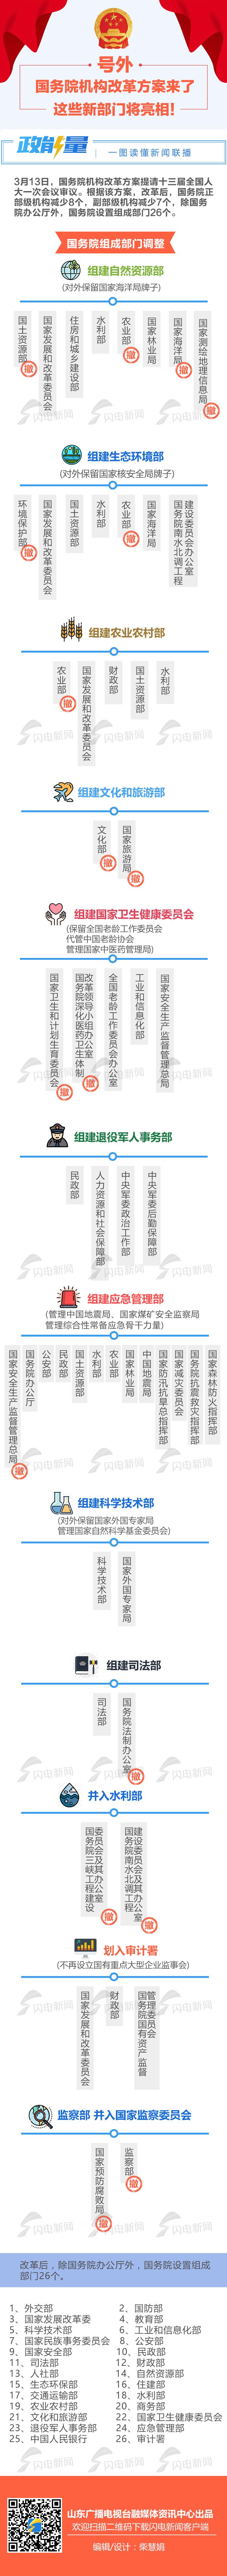 0313-机构改革.jpg